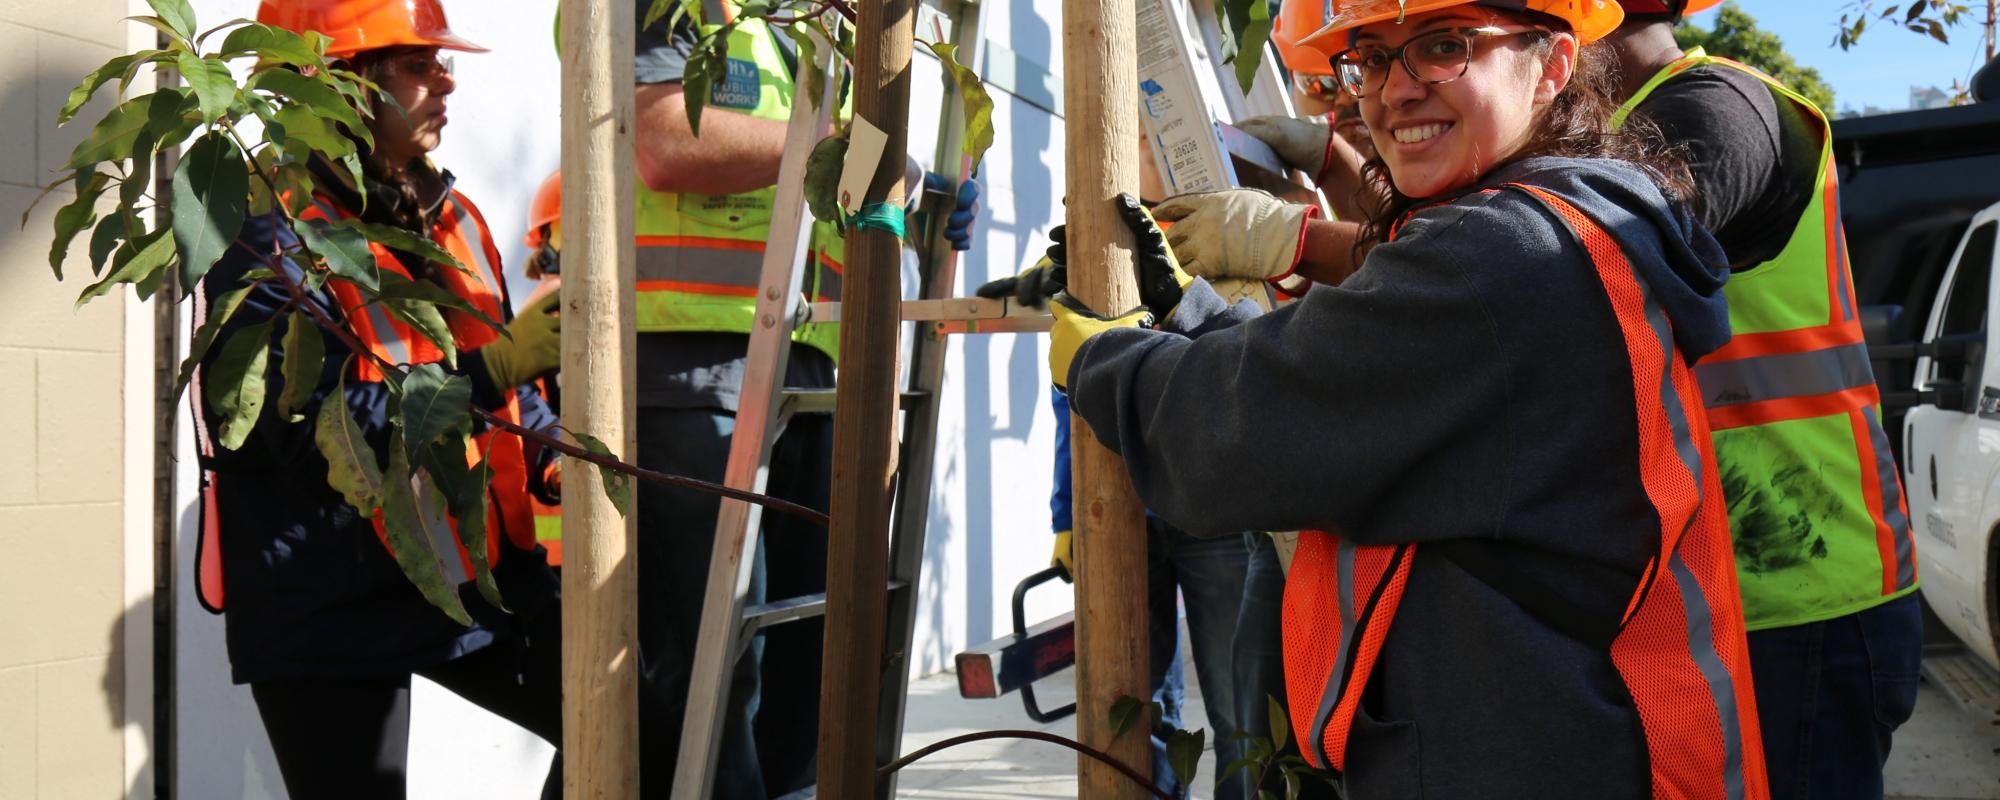 Volunteers planting a tree